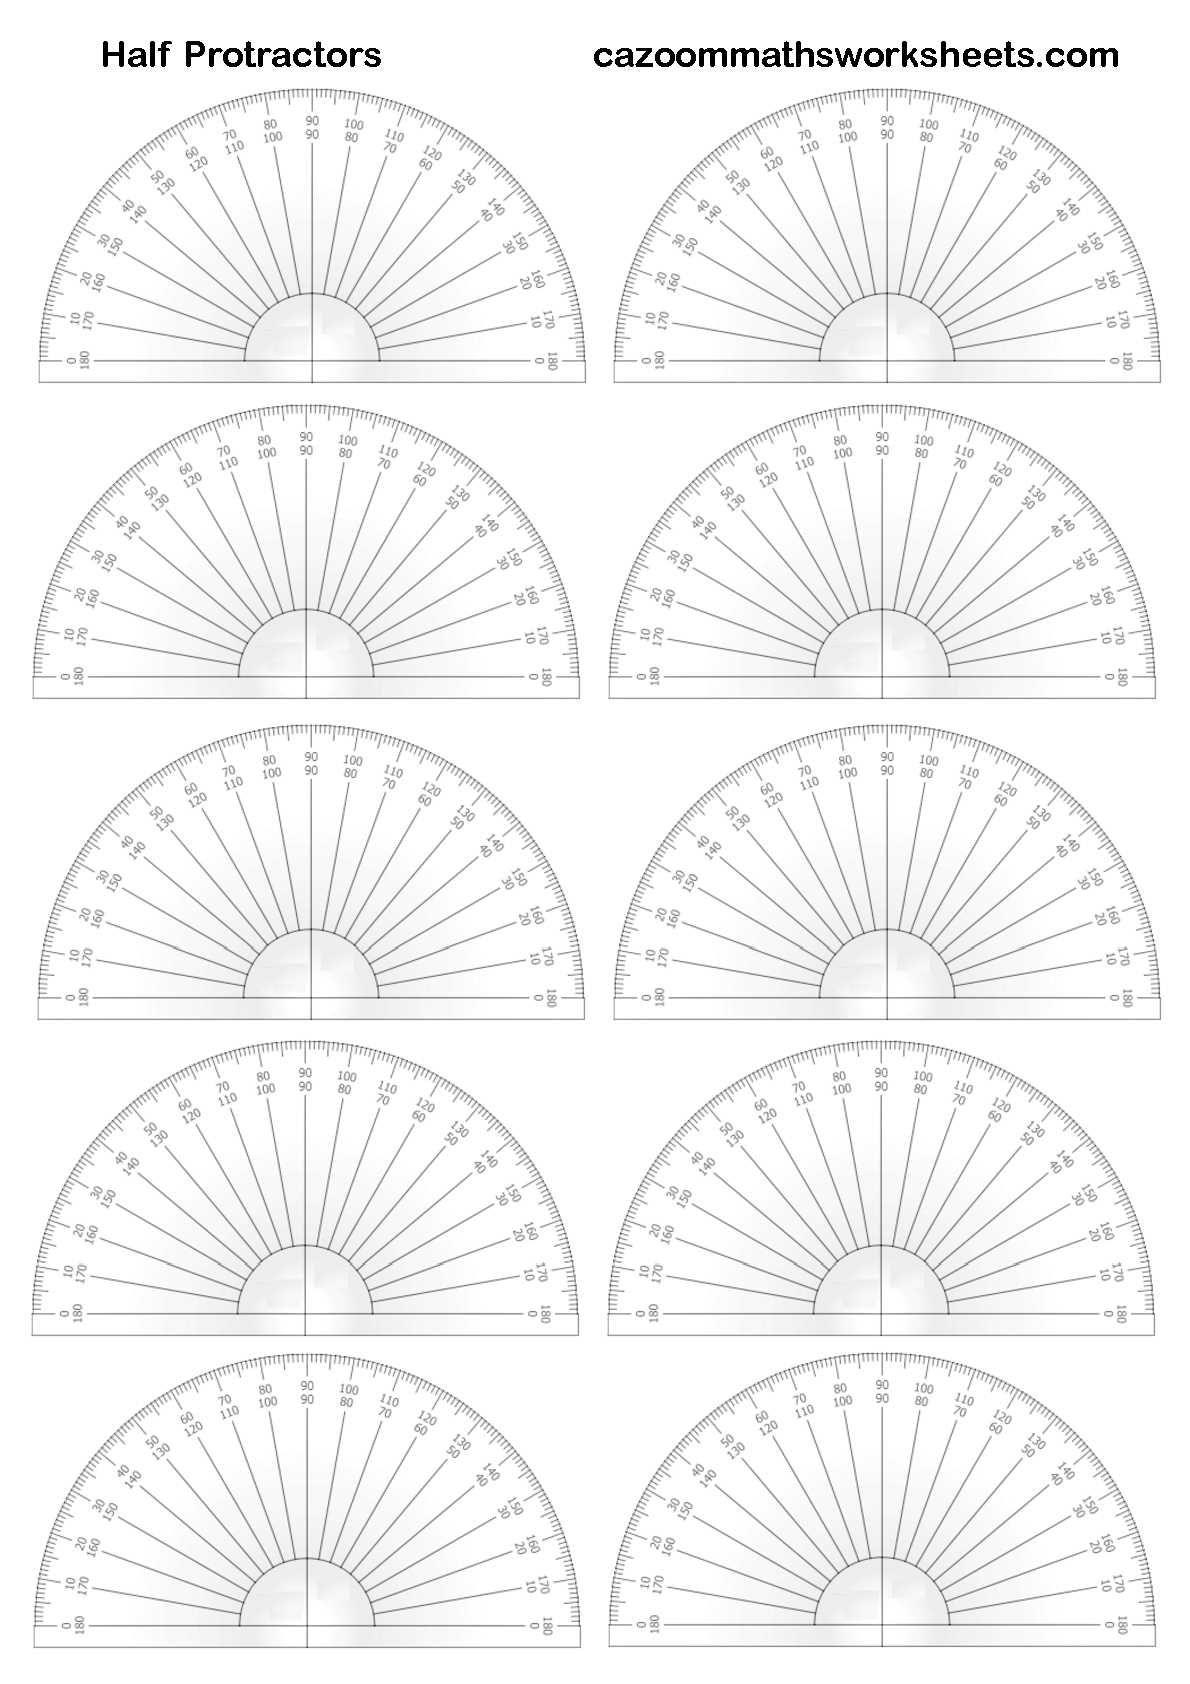 Printable Half Protractors